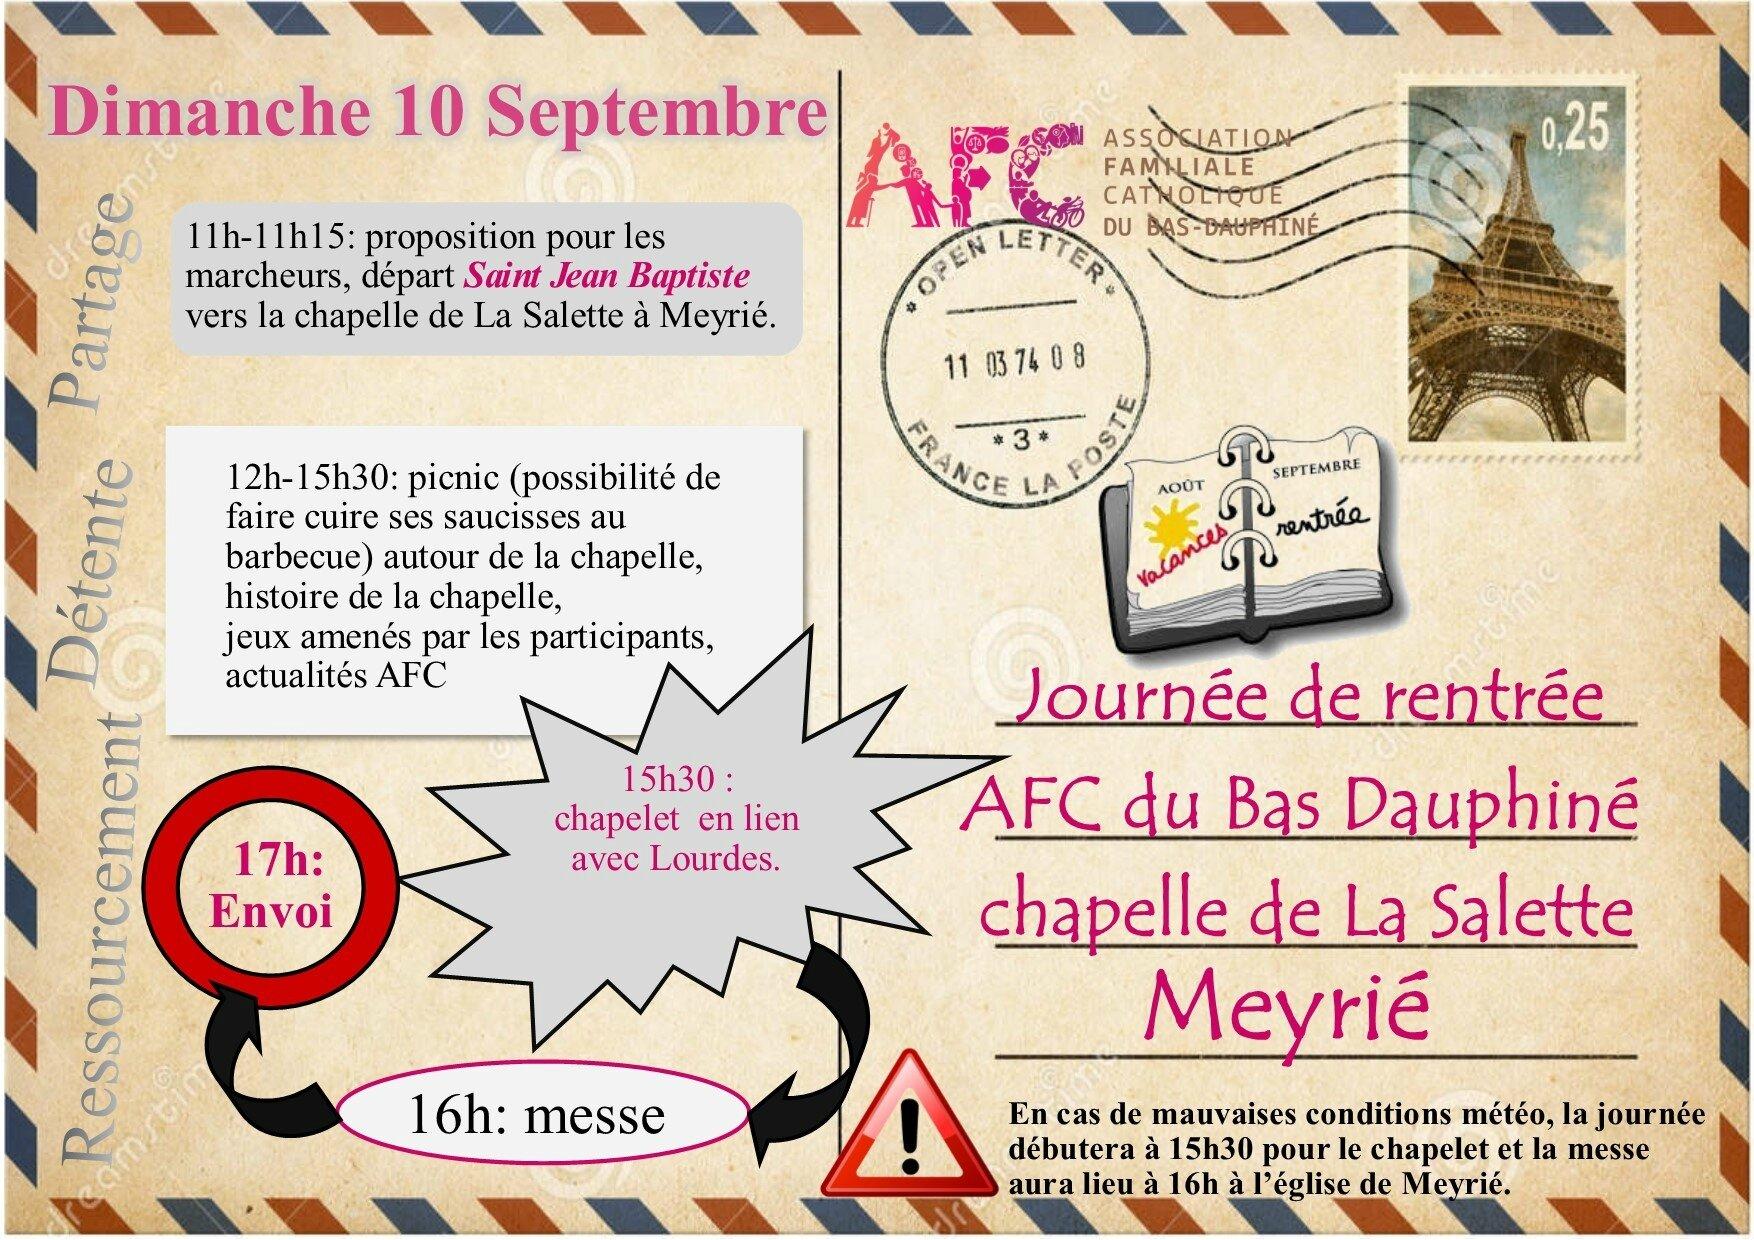 Journée de rentrée AFC du Bas Dauphiné